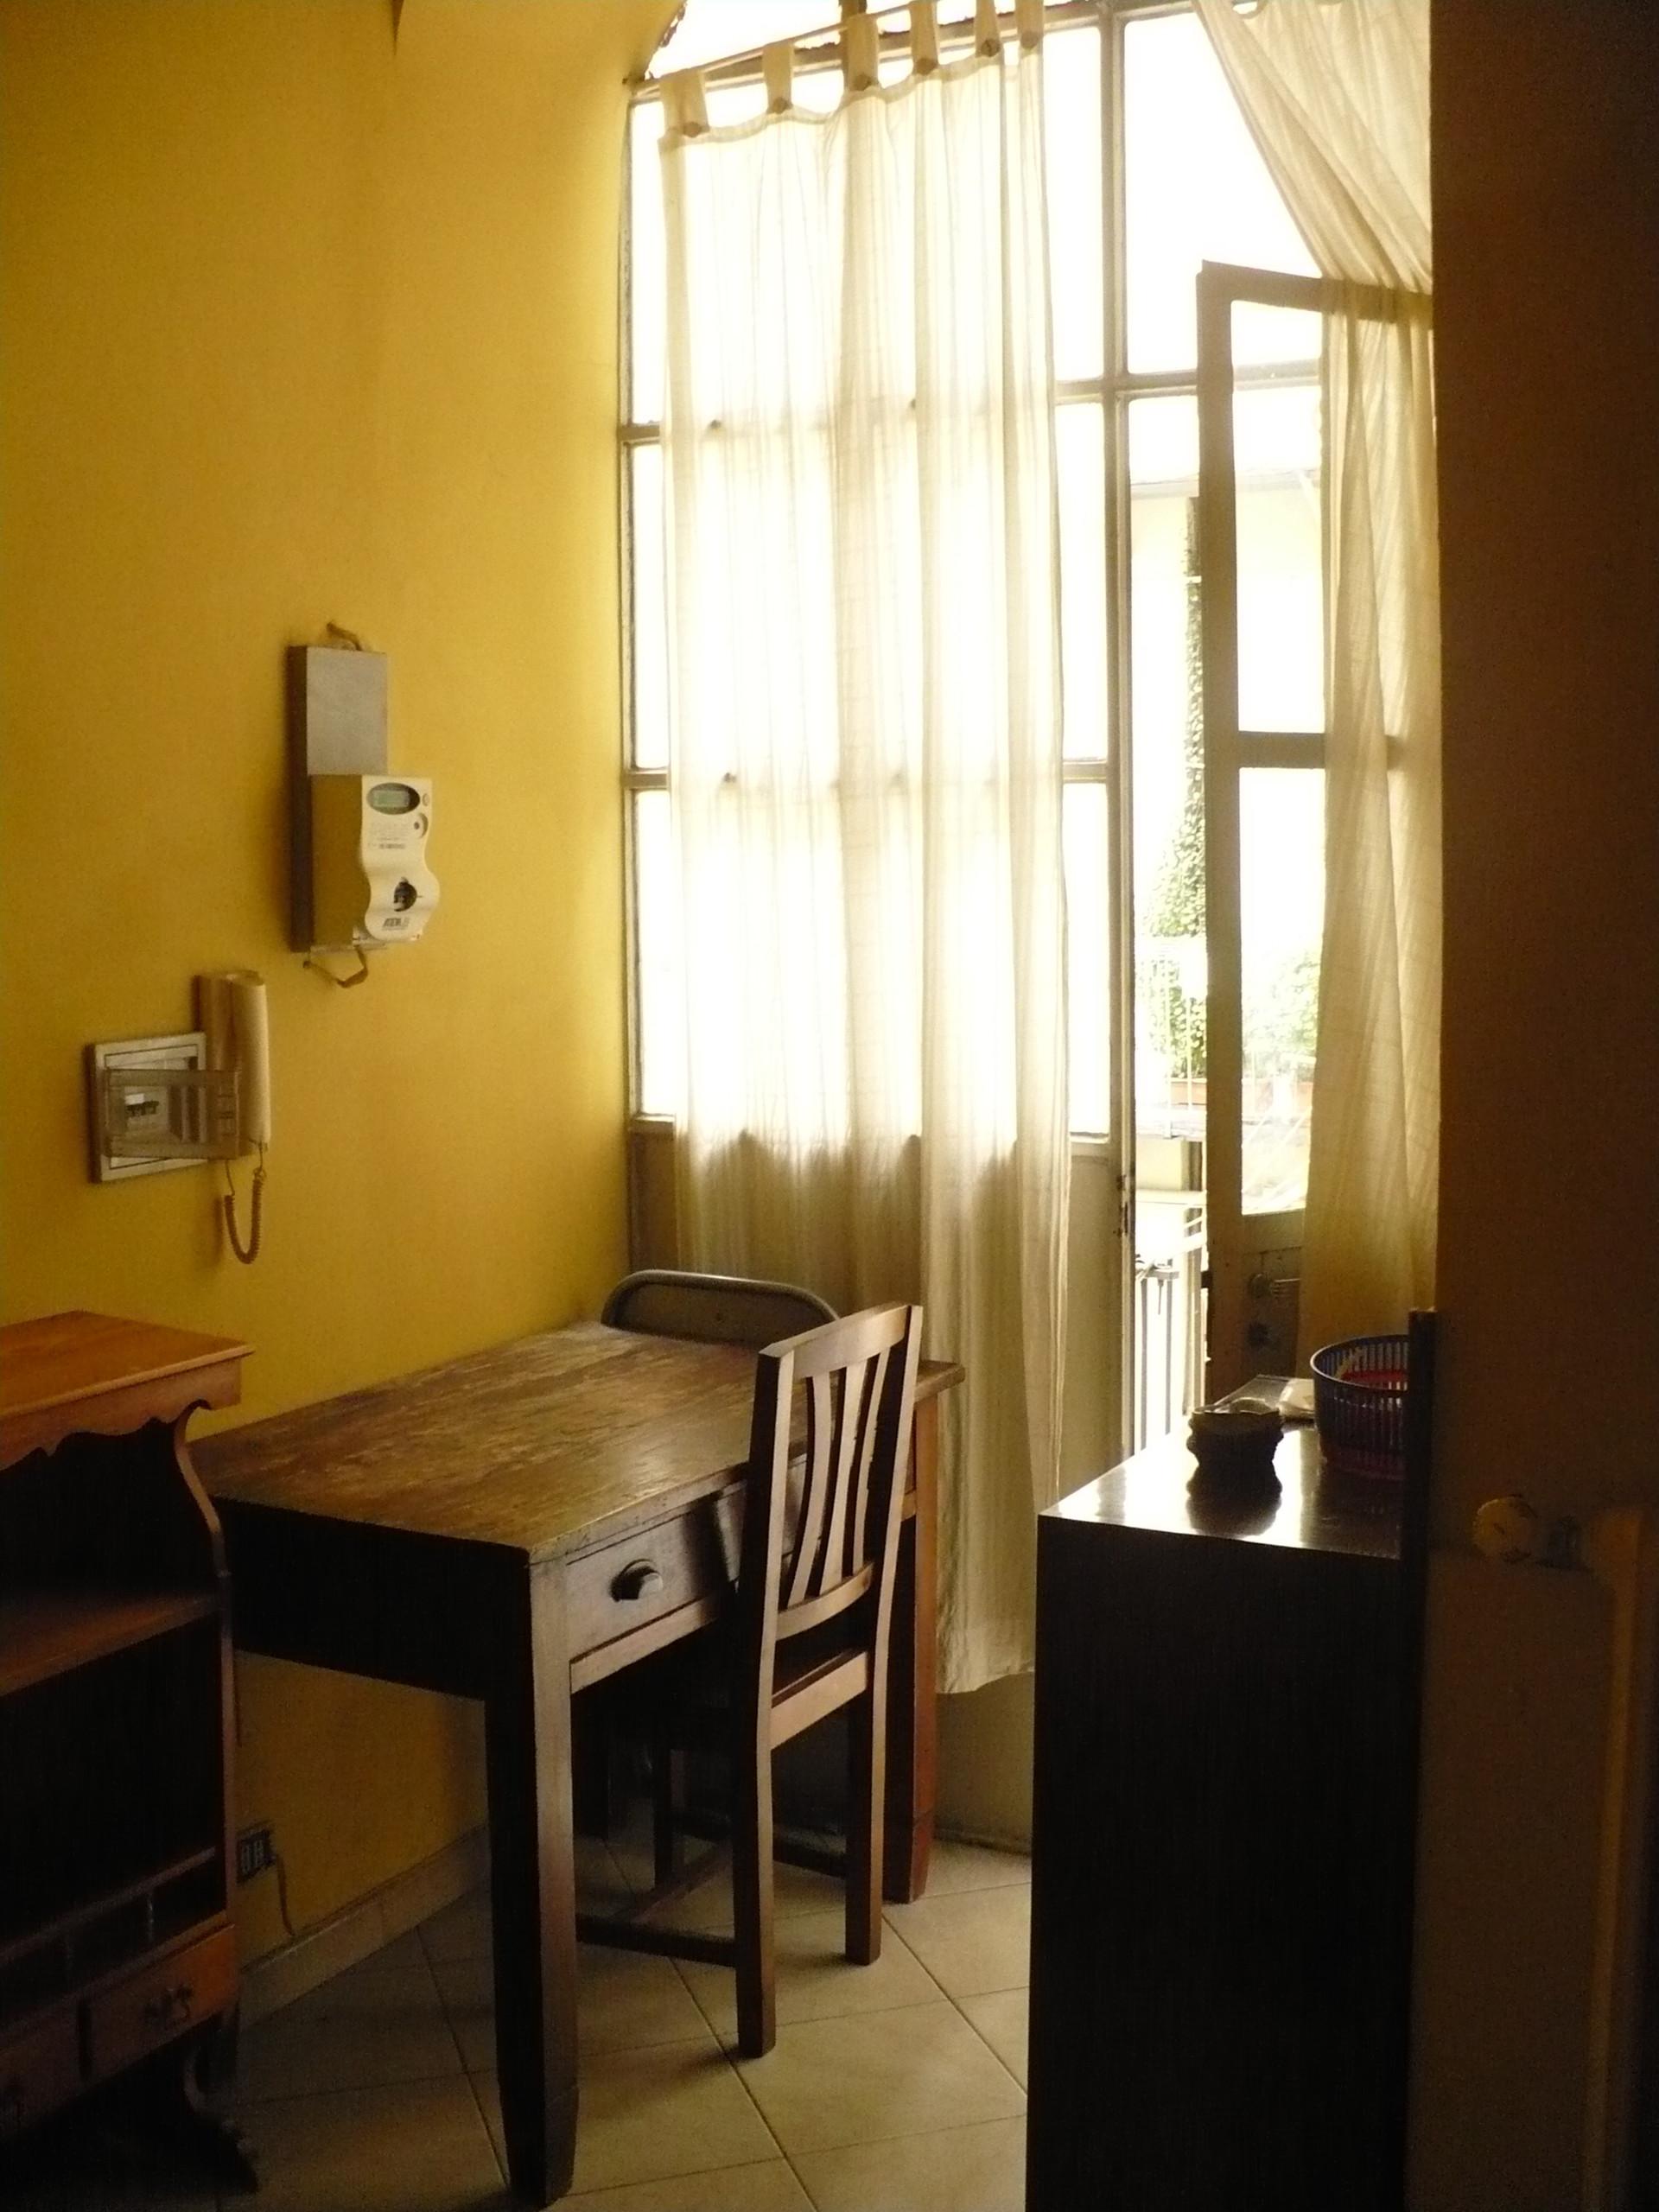 Ultimo posto letto in camera con altro studente ragazzo anni 21 stanze in affitto torino - Camera ragazzo 20 anni ...